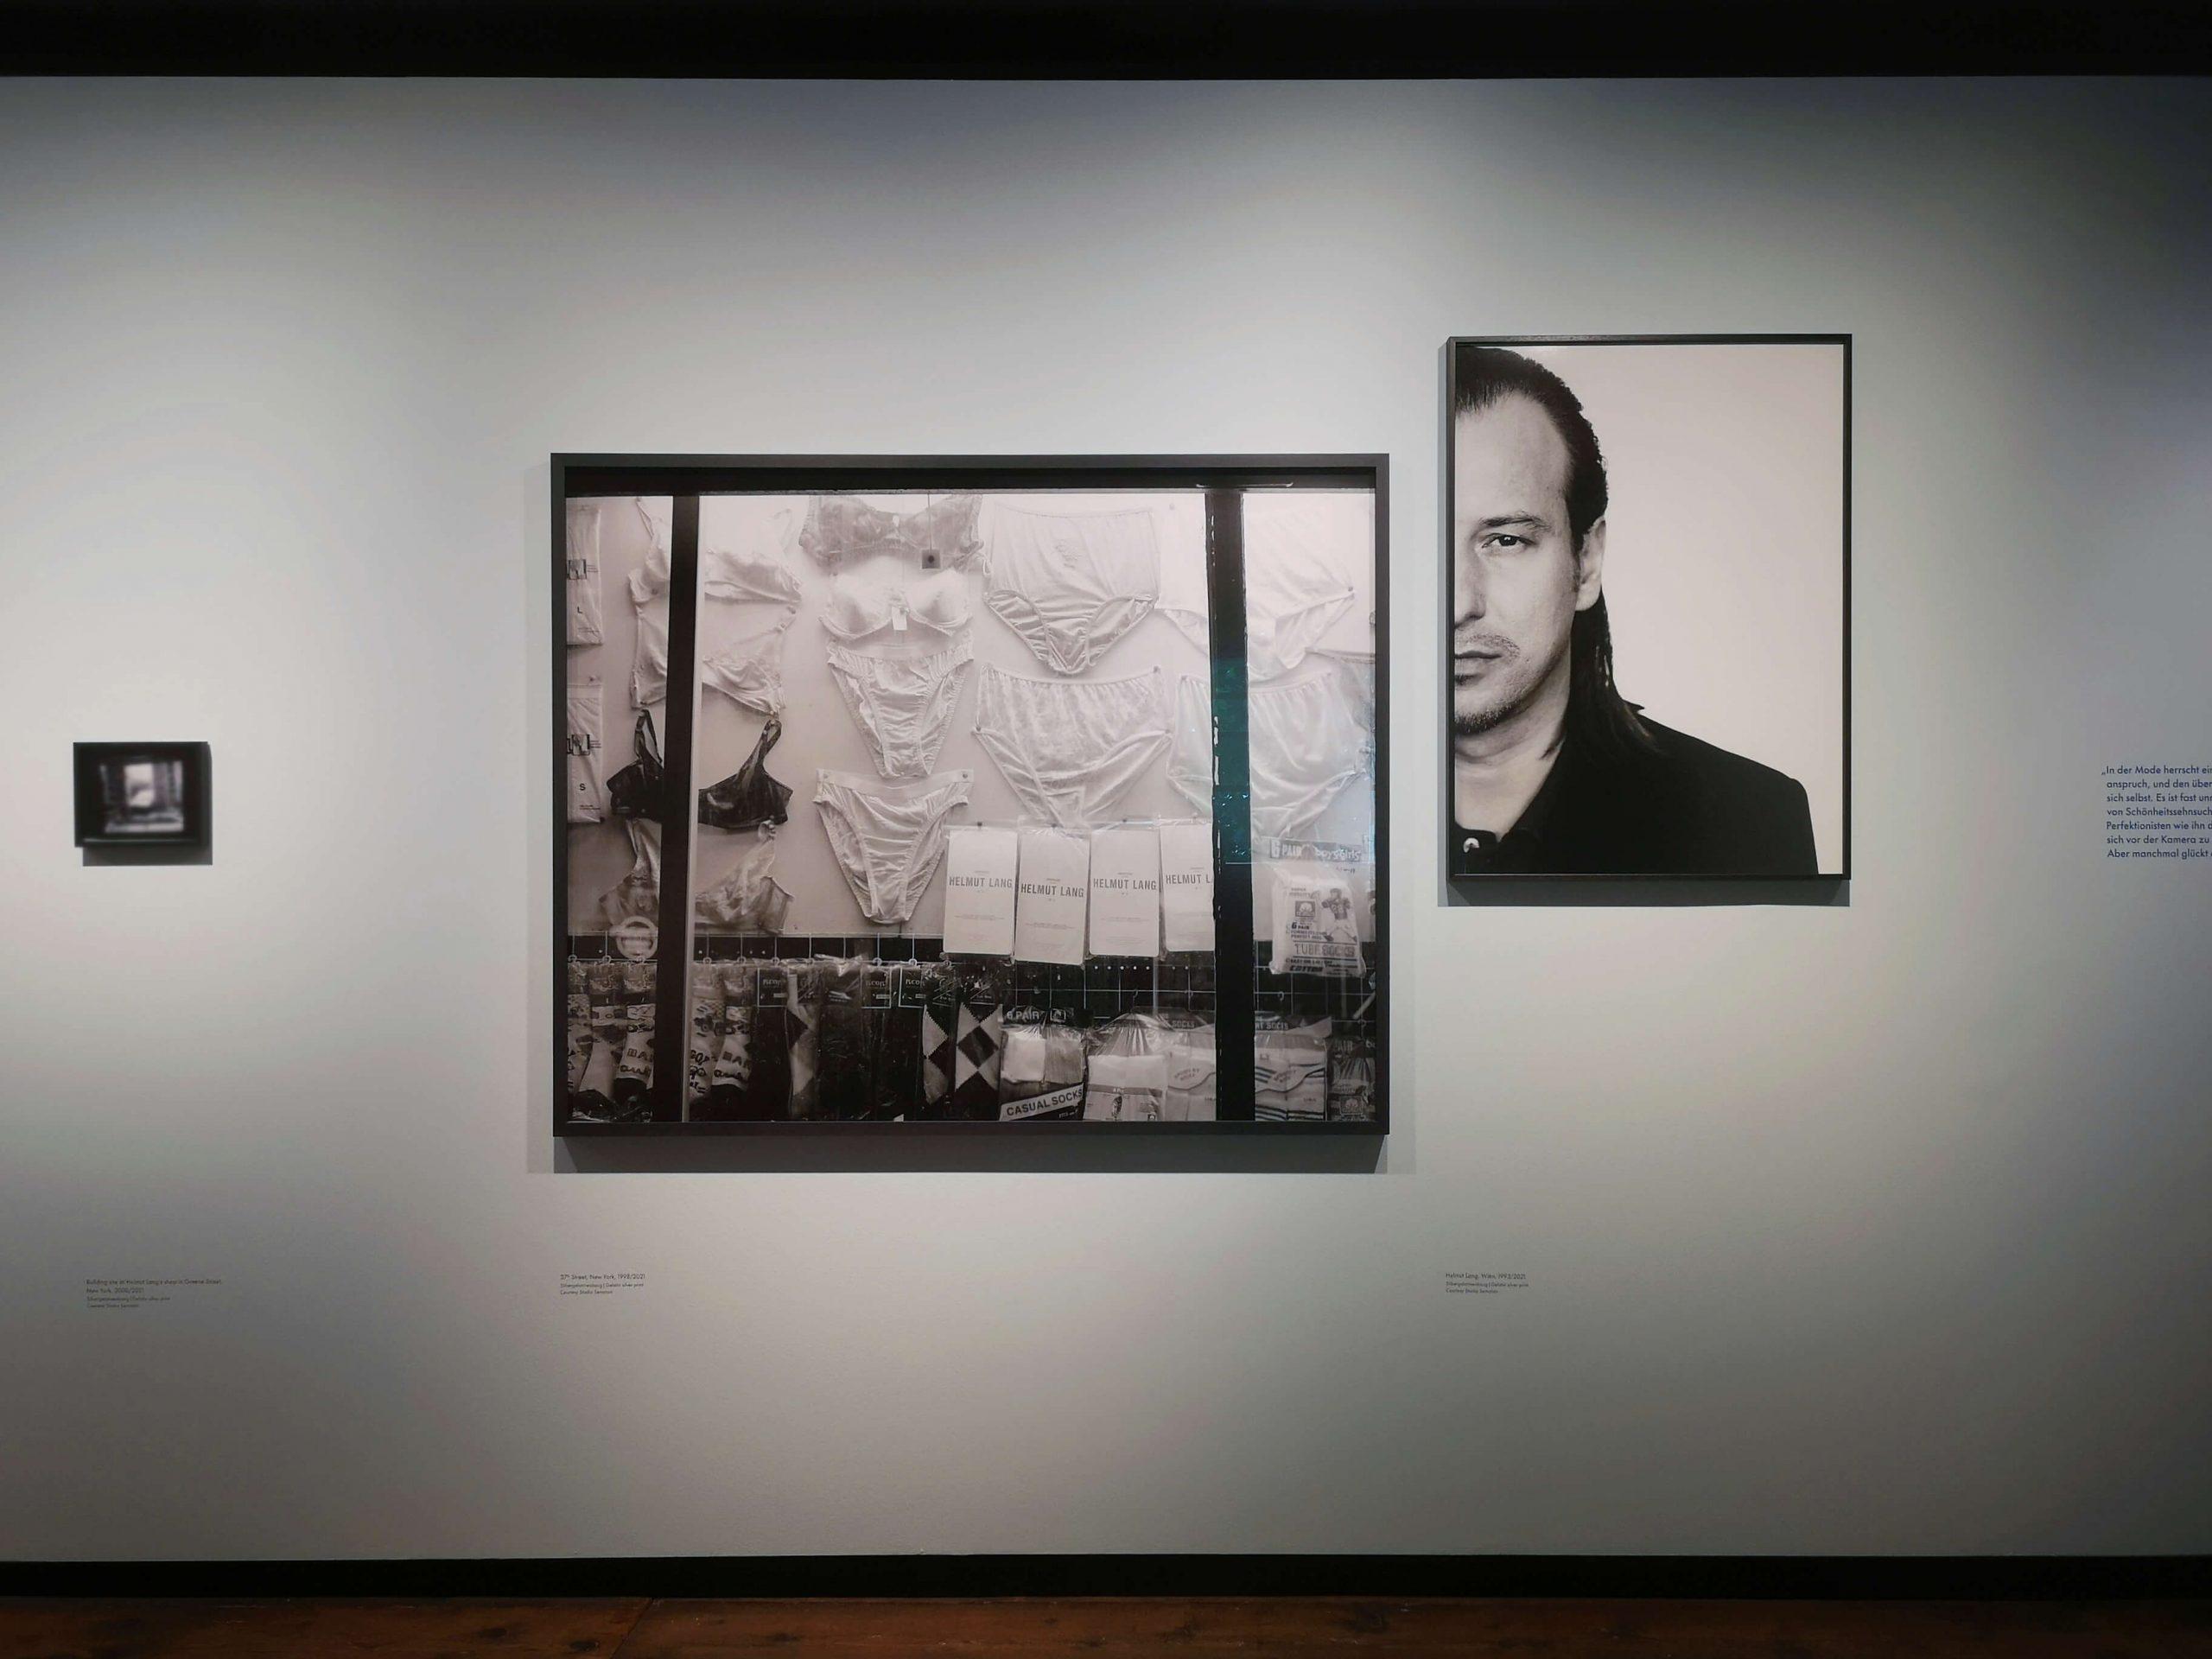 Fotografien in der Ausstellung ELFIE SEMOTAN im KUNST HAUS WIEN